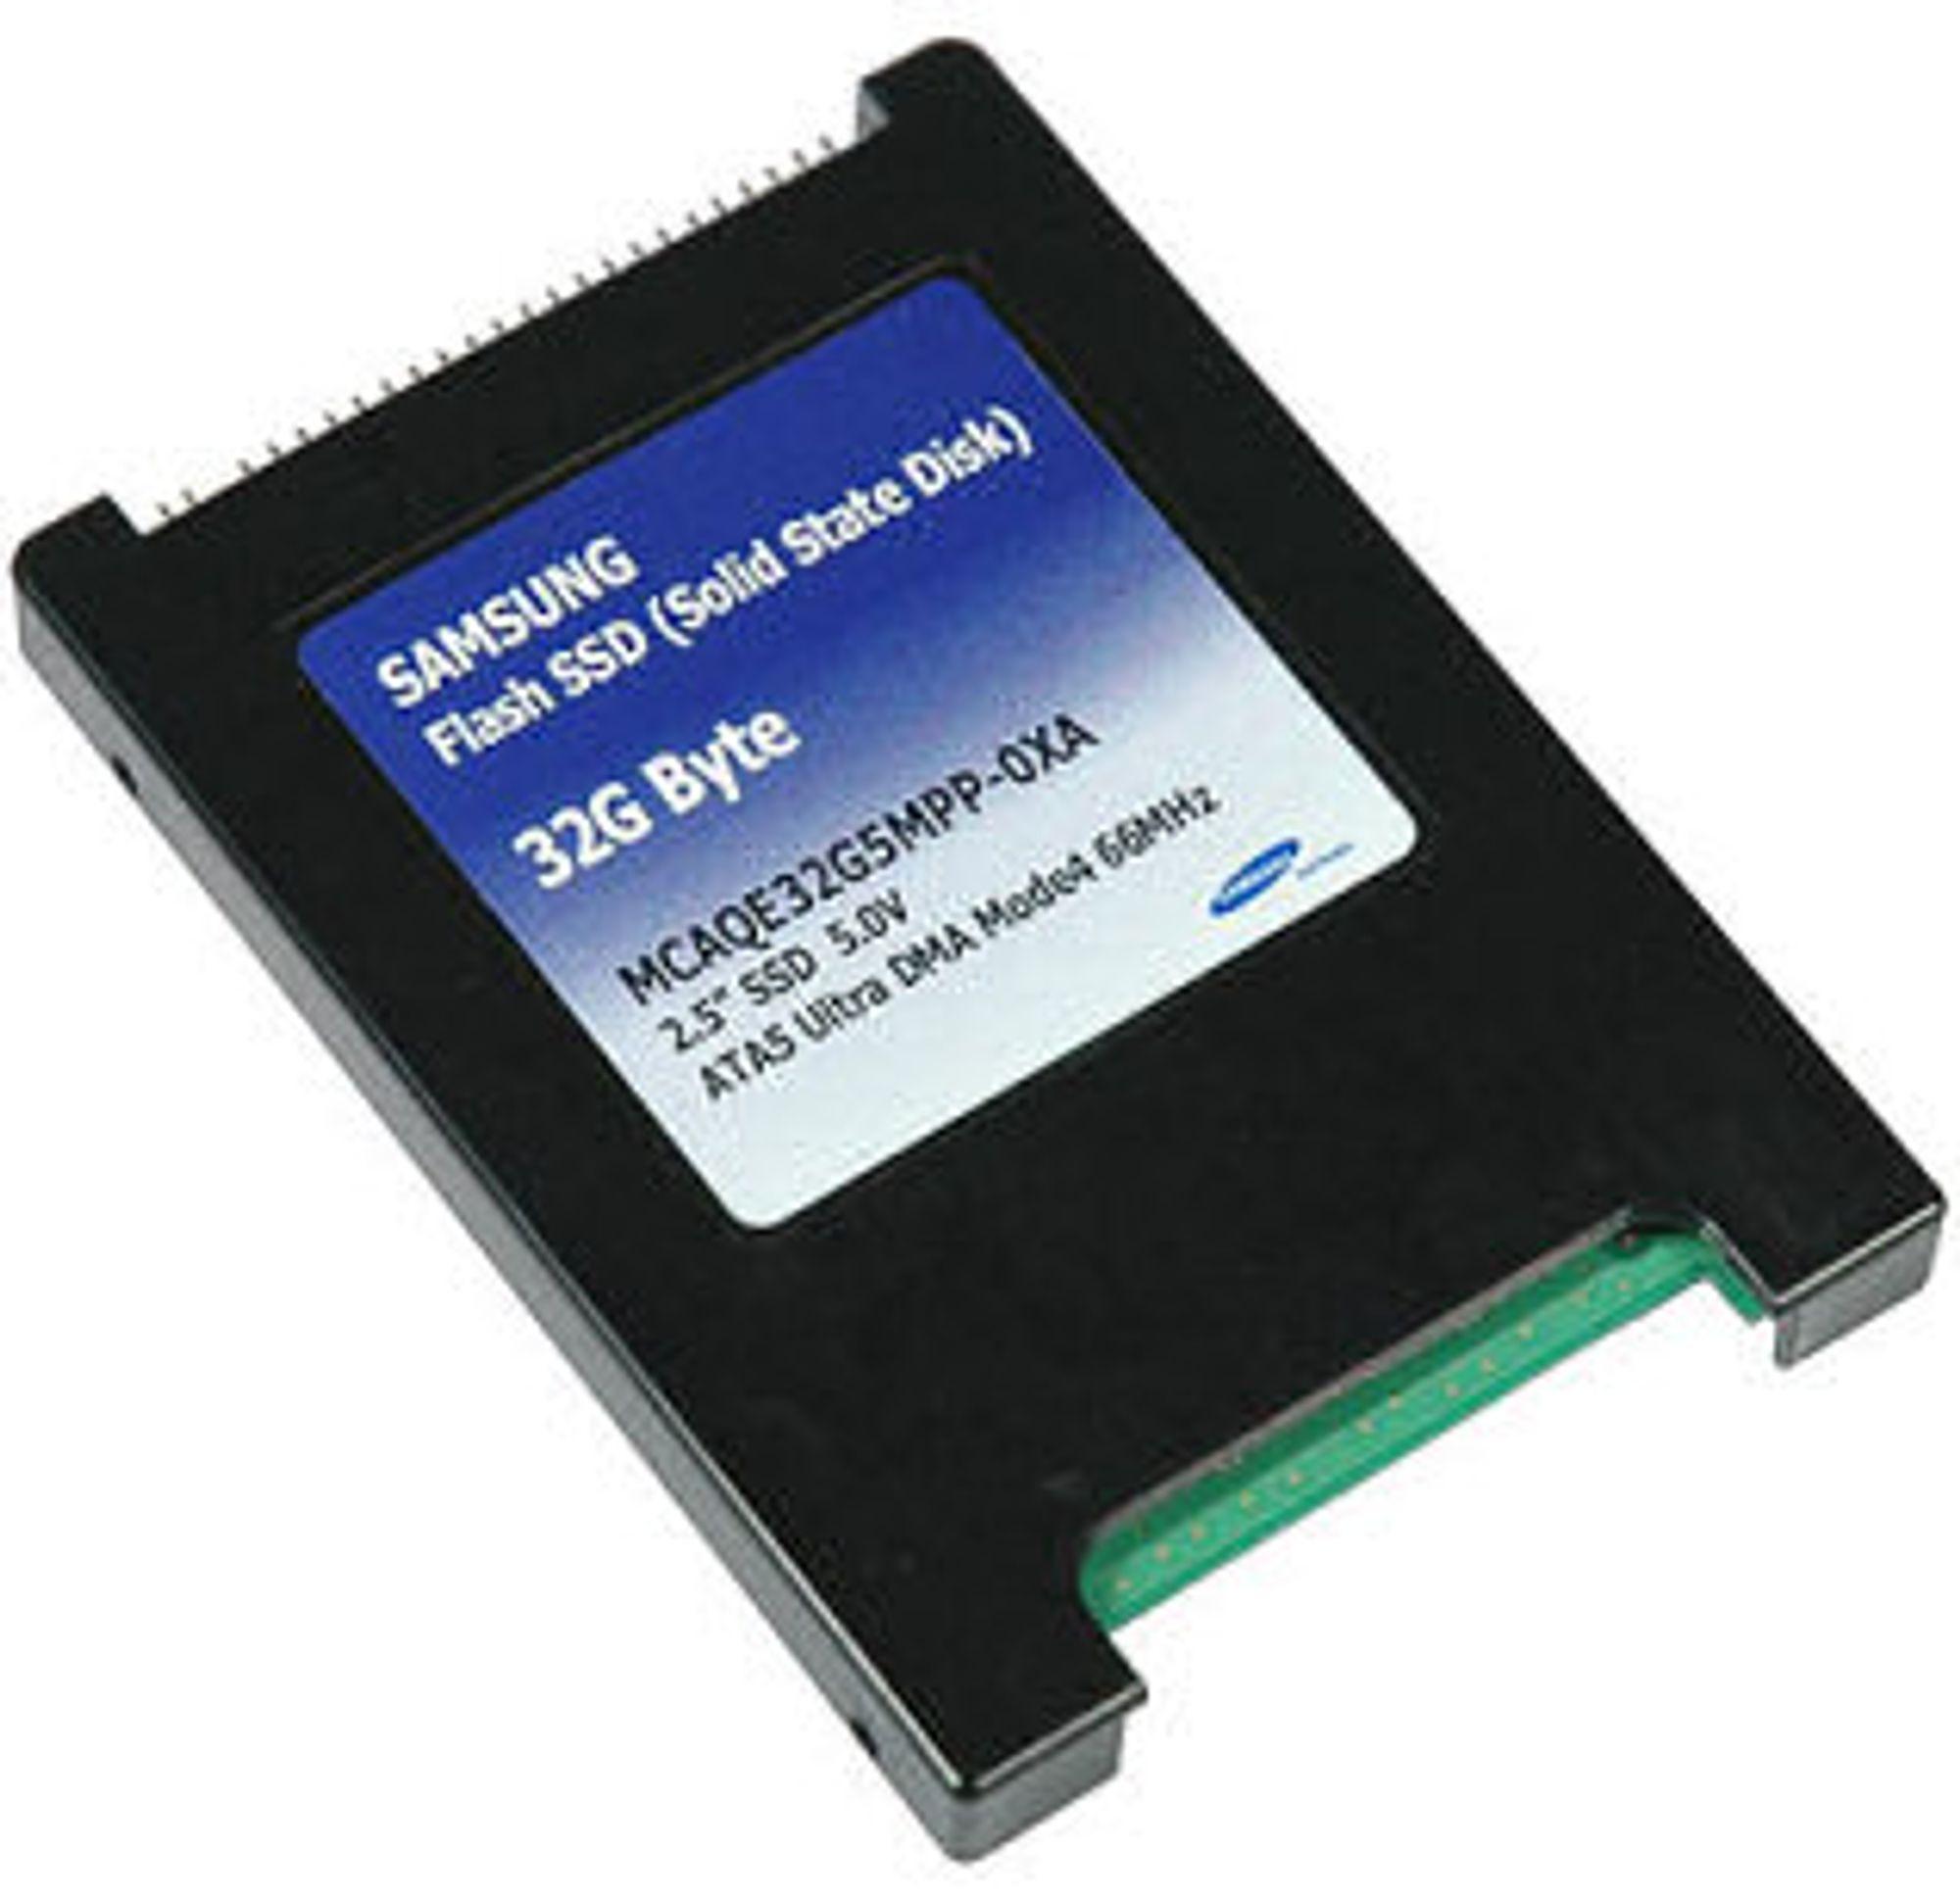 SSD-enhet fra Samsung